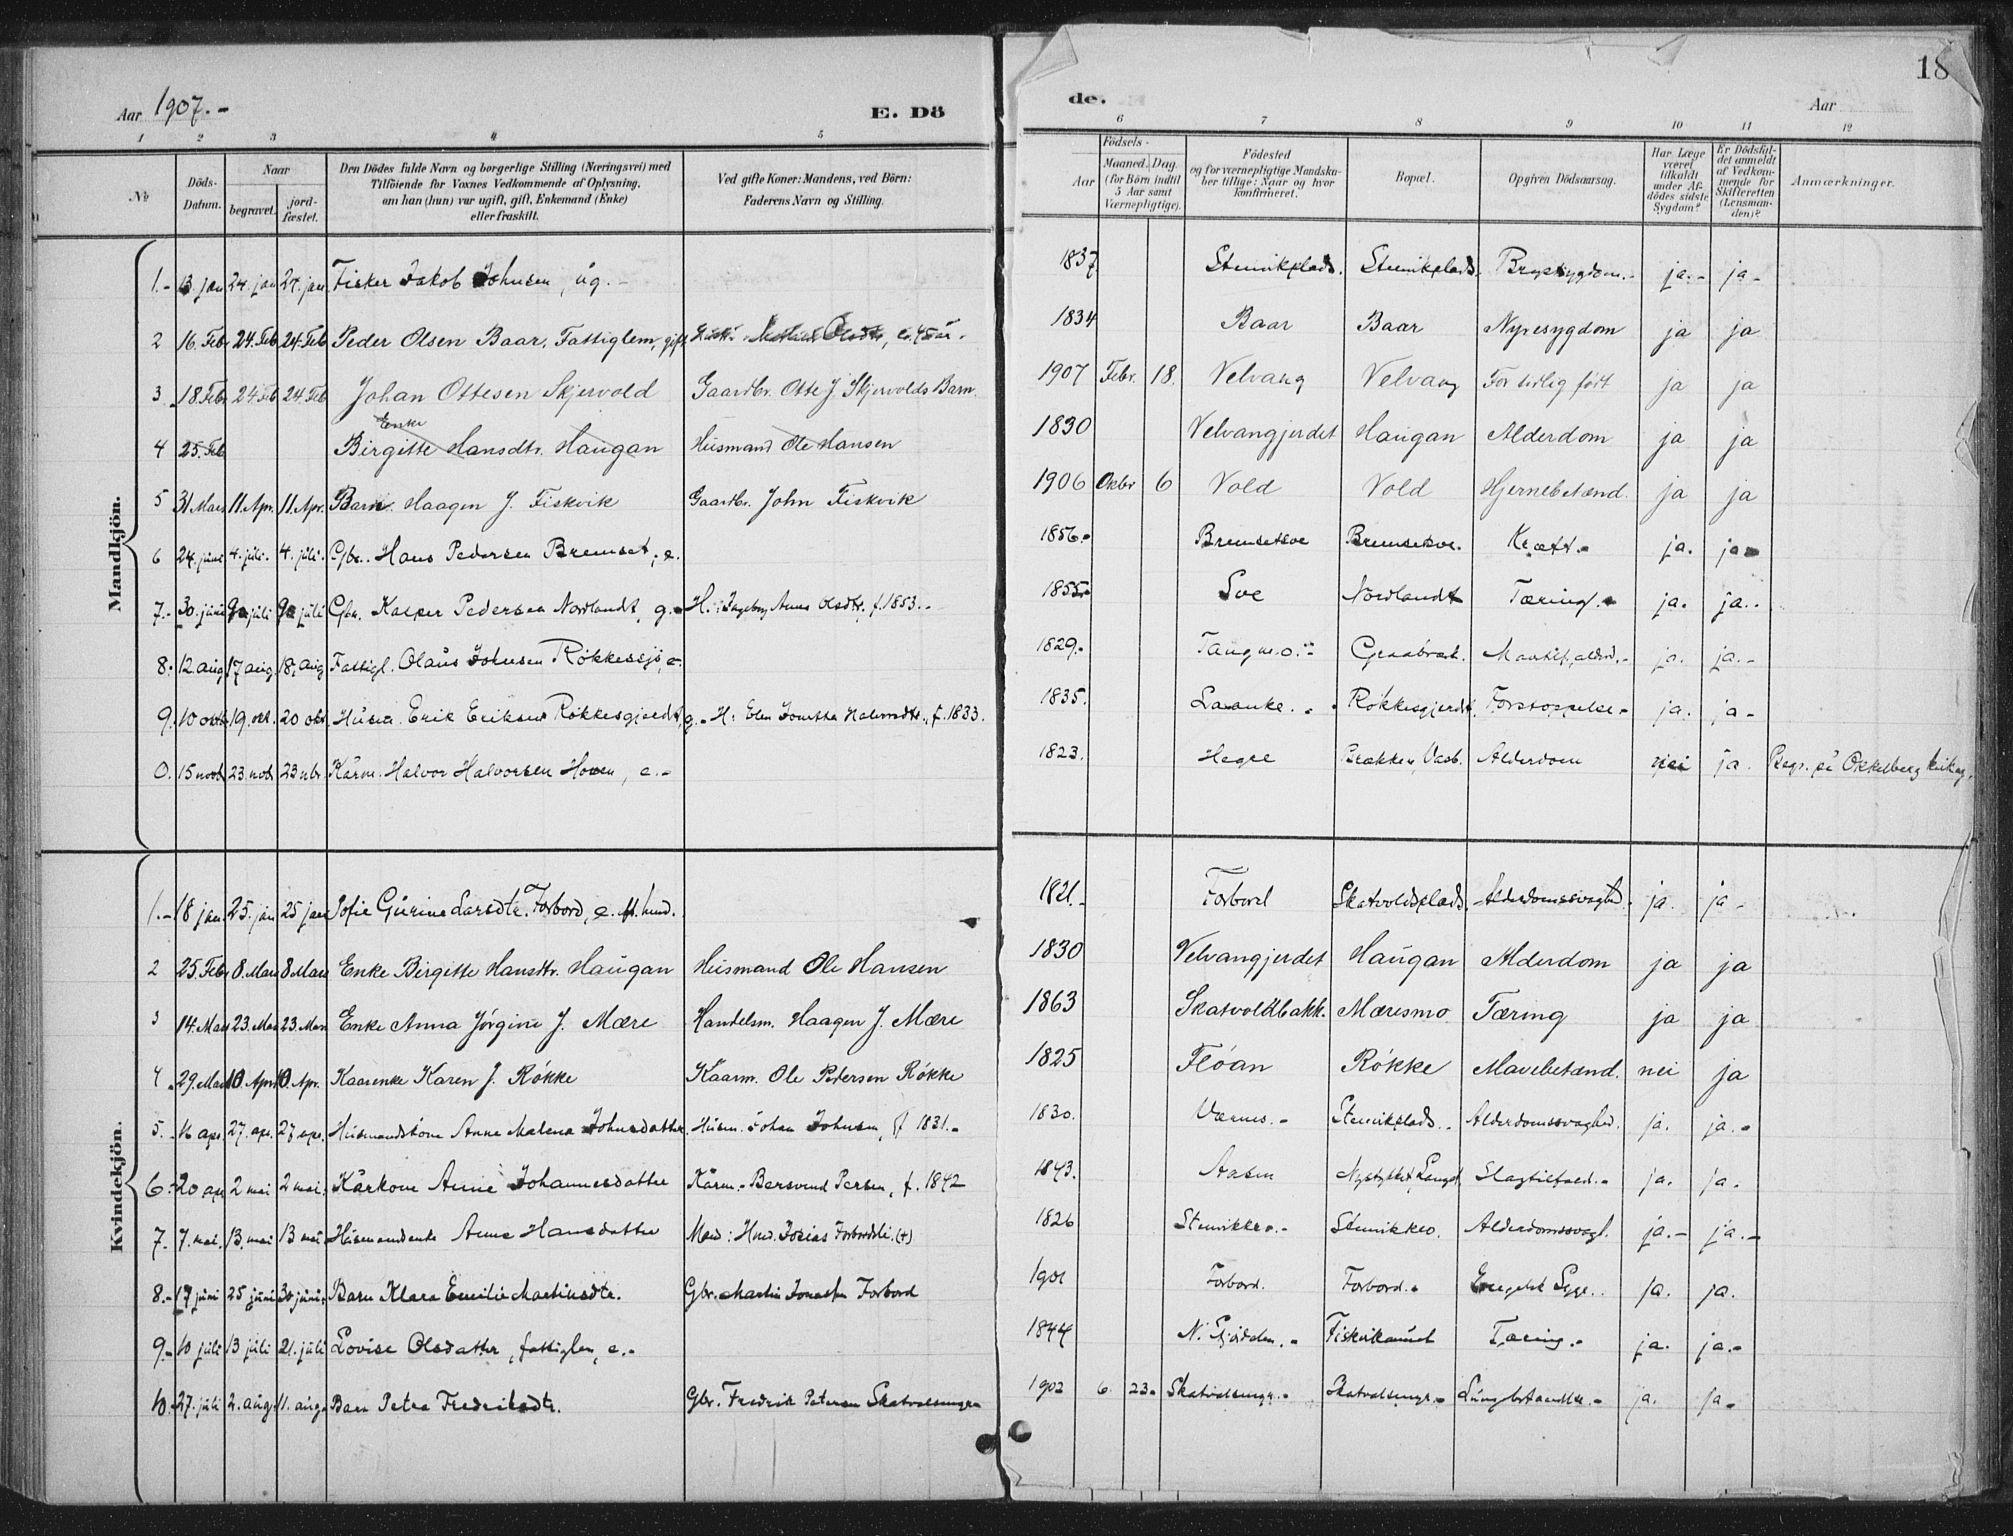 SAT, Ministerialprotokoller, klokkerbøker og fødselsregistre - Nord-Trøndelag, 712/L0101: Ministerialbok nr. 712A02, 1901-1916, s. 180